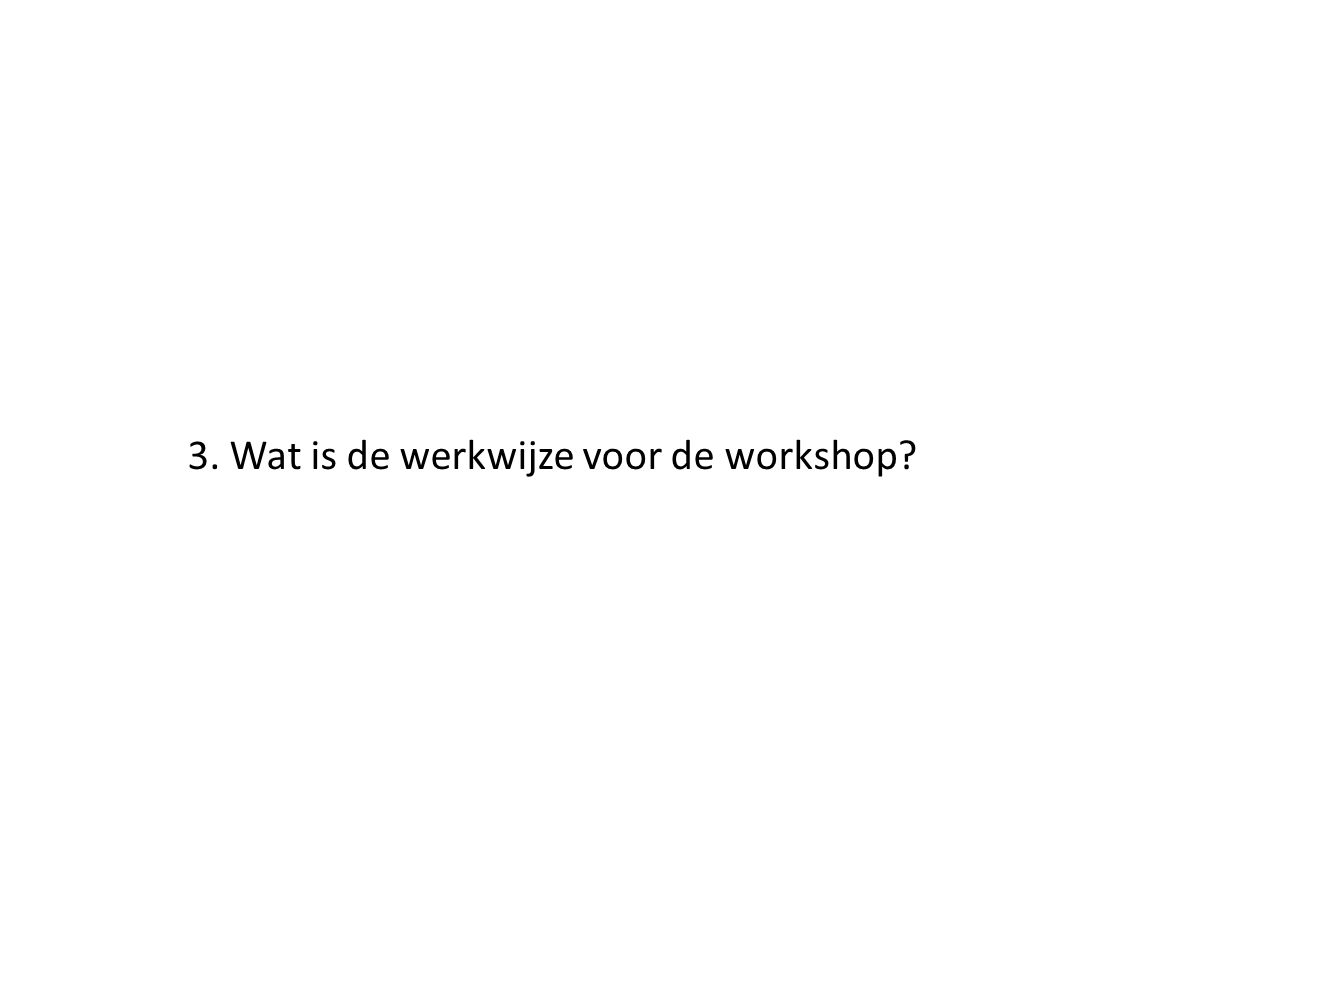 3. Wat is de werkwijze voor de workshop?